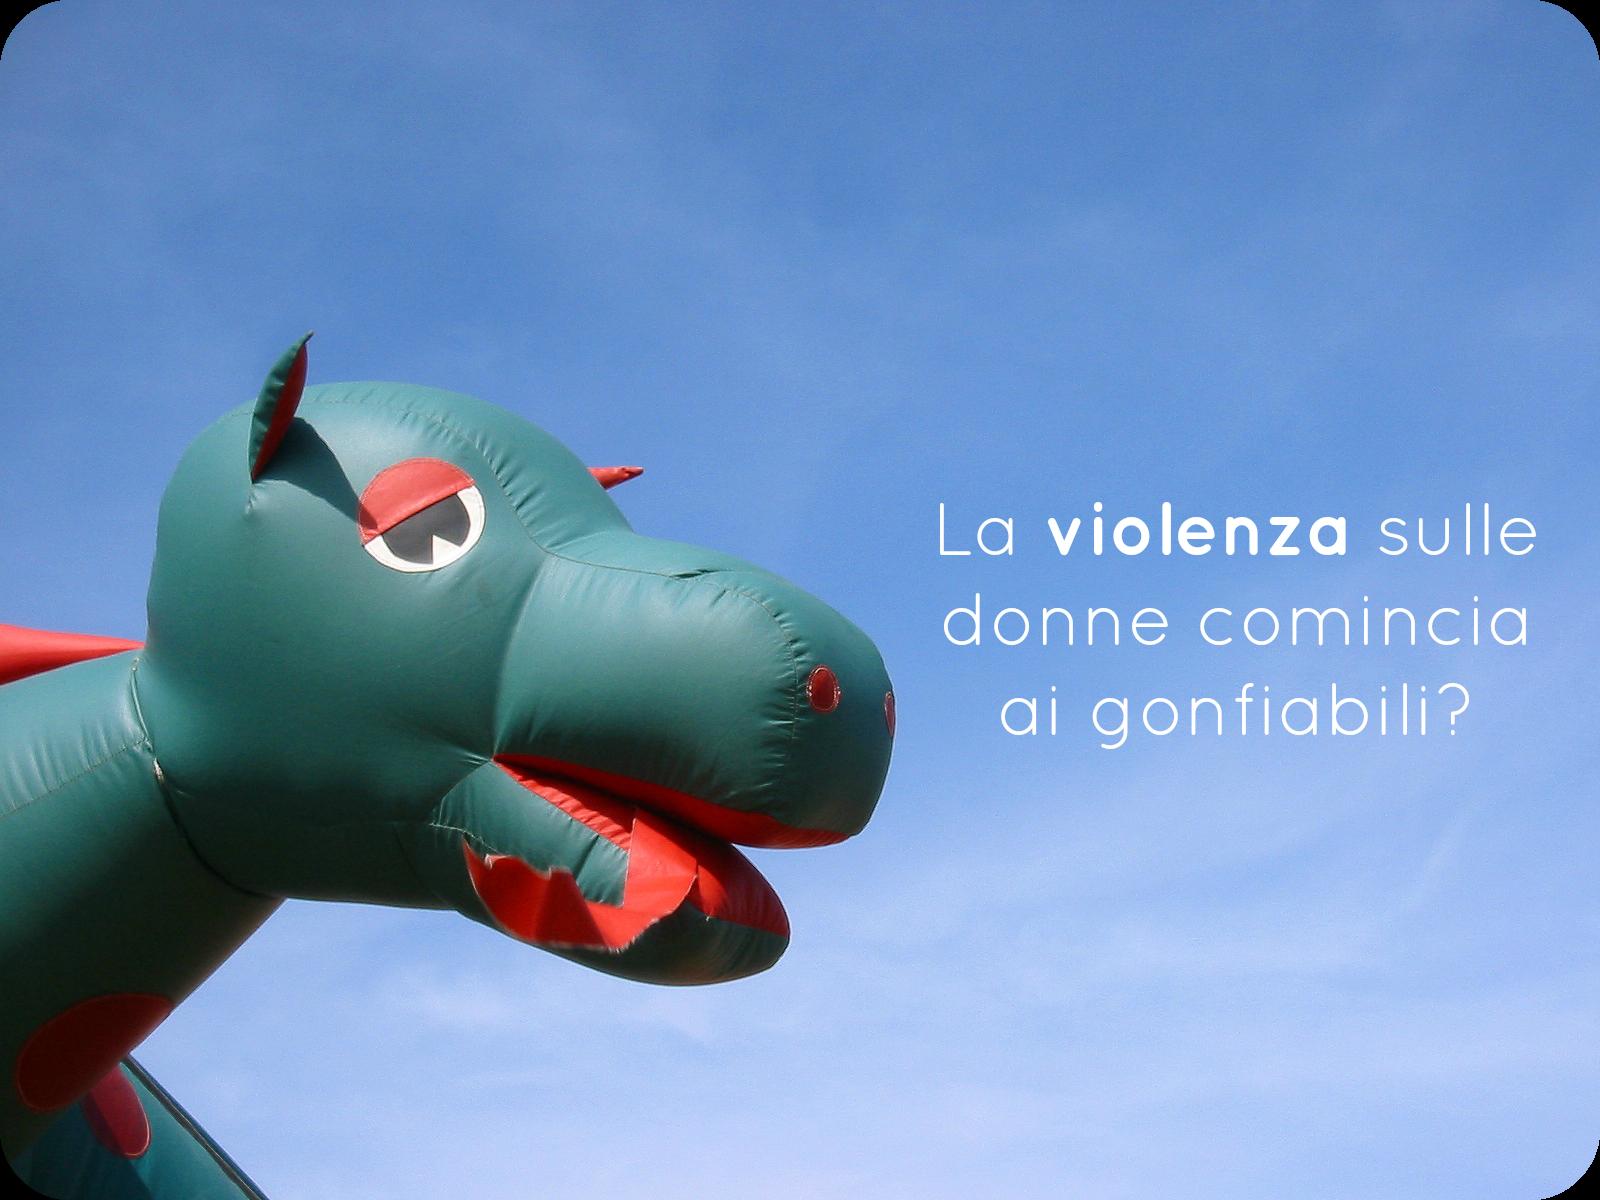 La Violenza Sulle Donne Comincia Ai Gonfiabili Babygreen